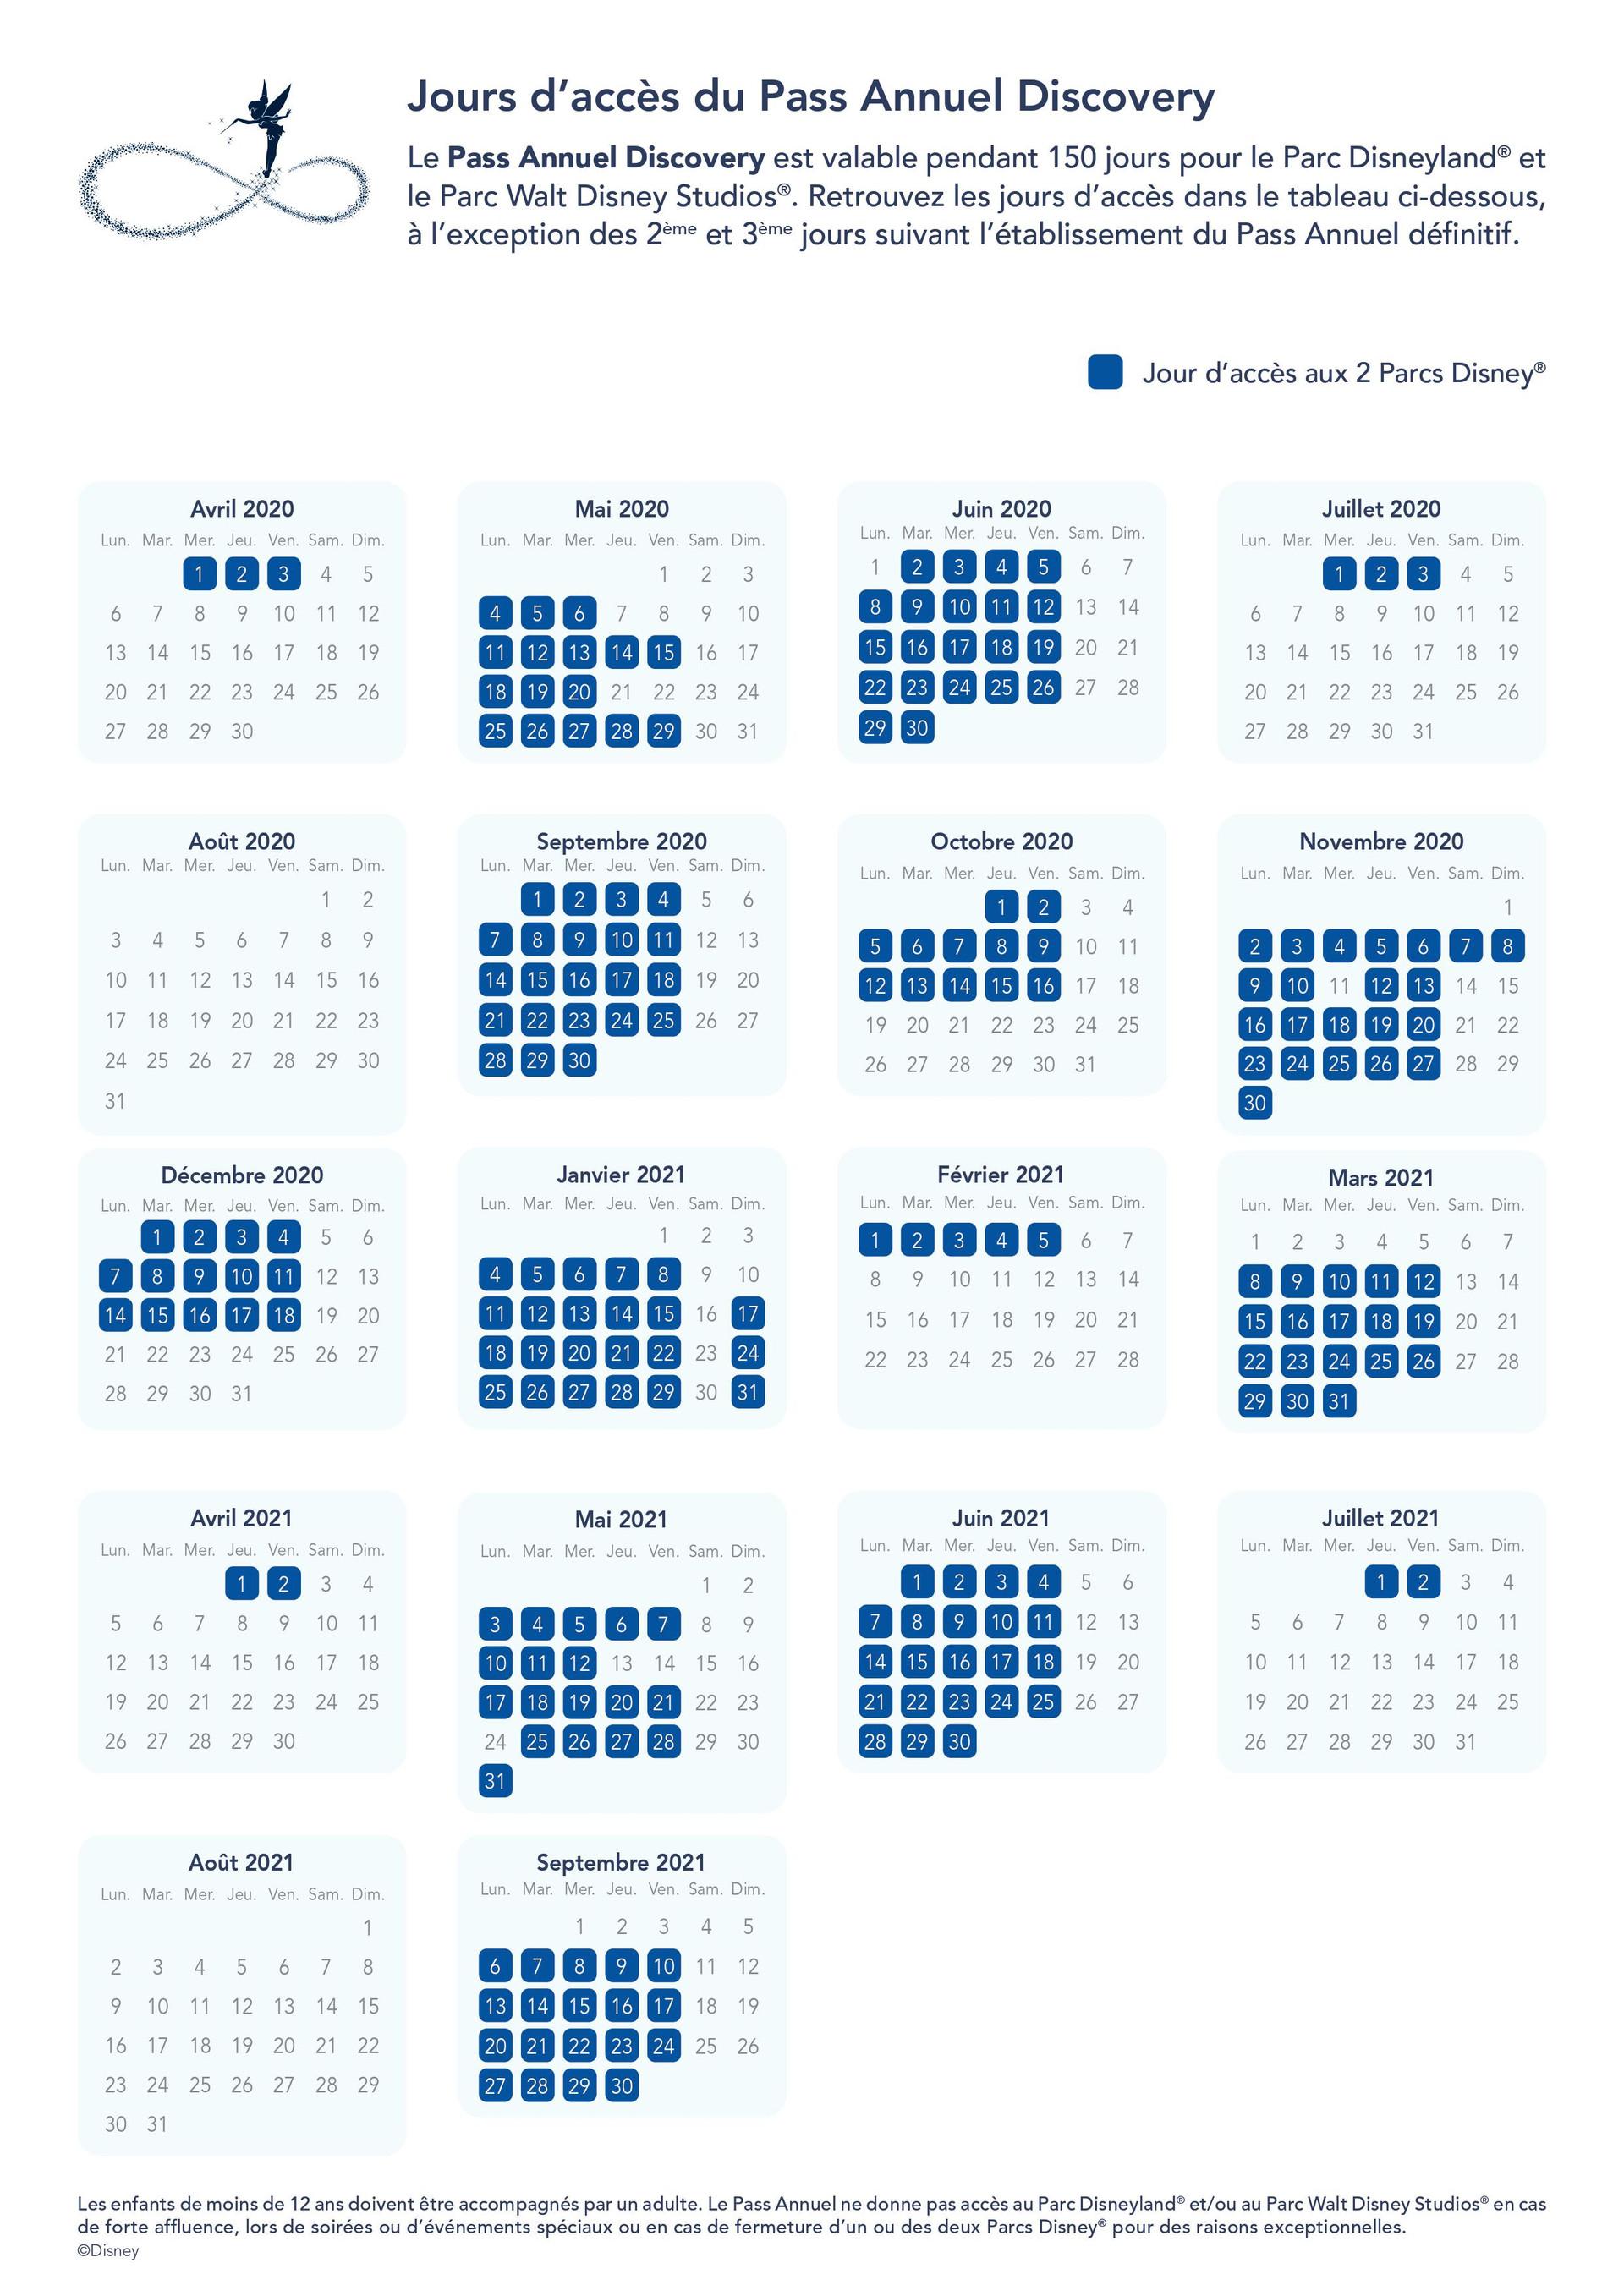 Calendario acceso Discovery